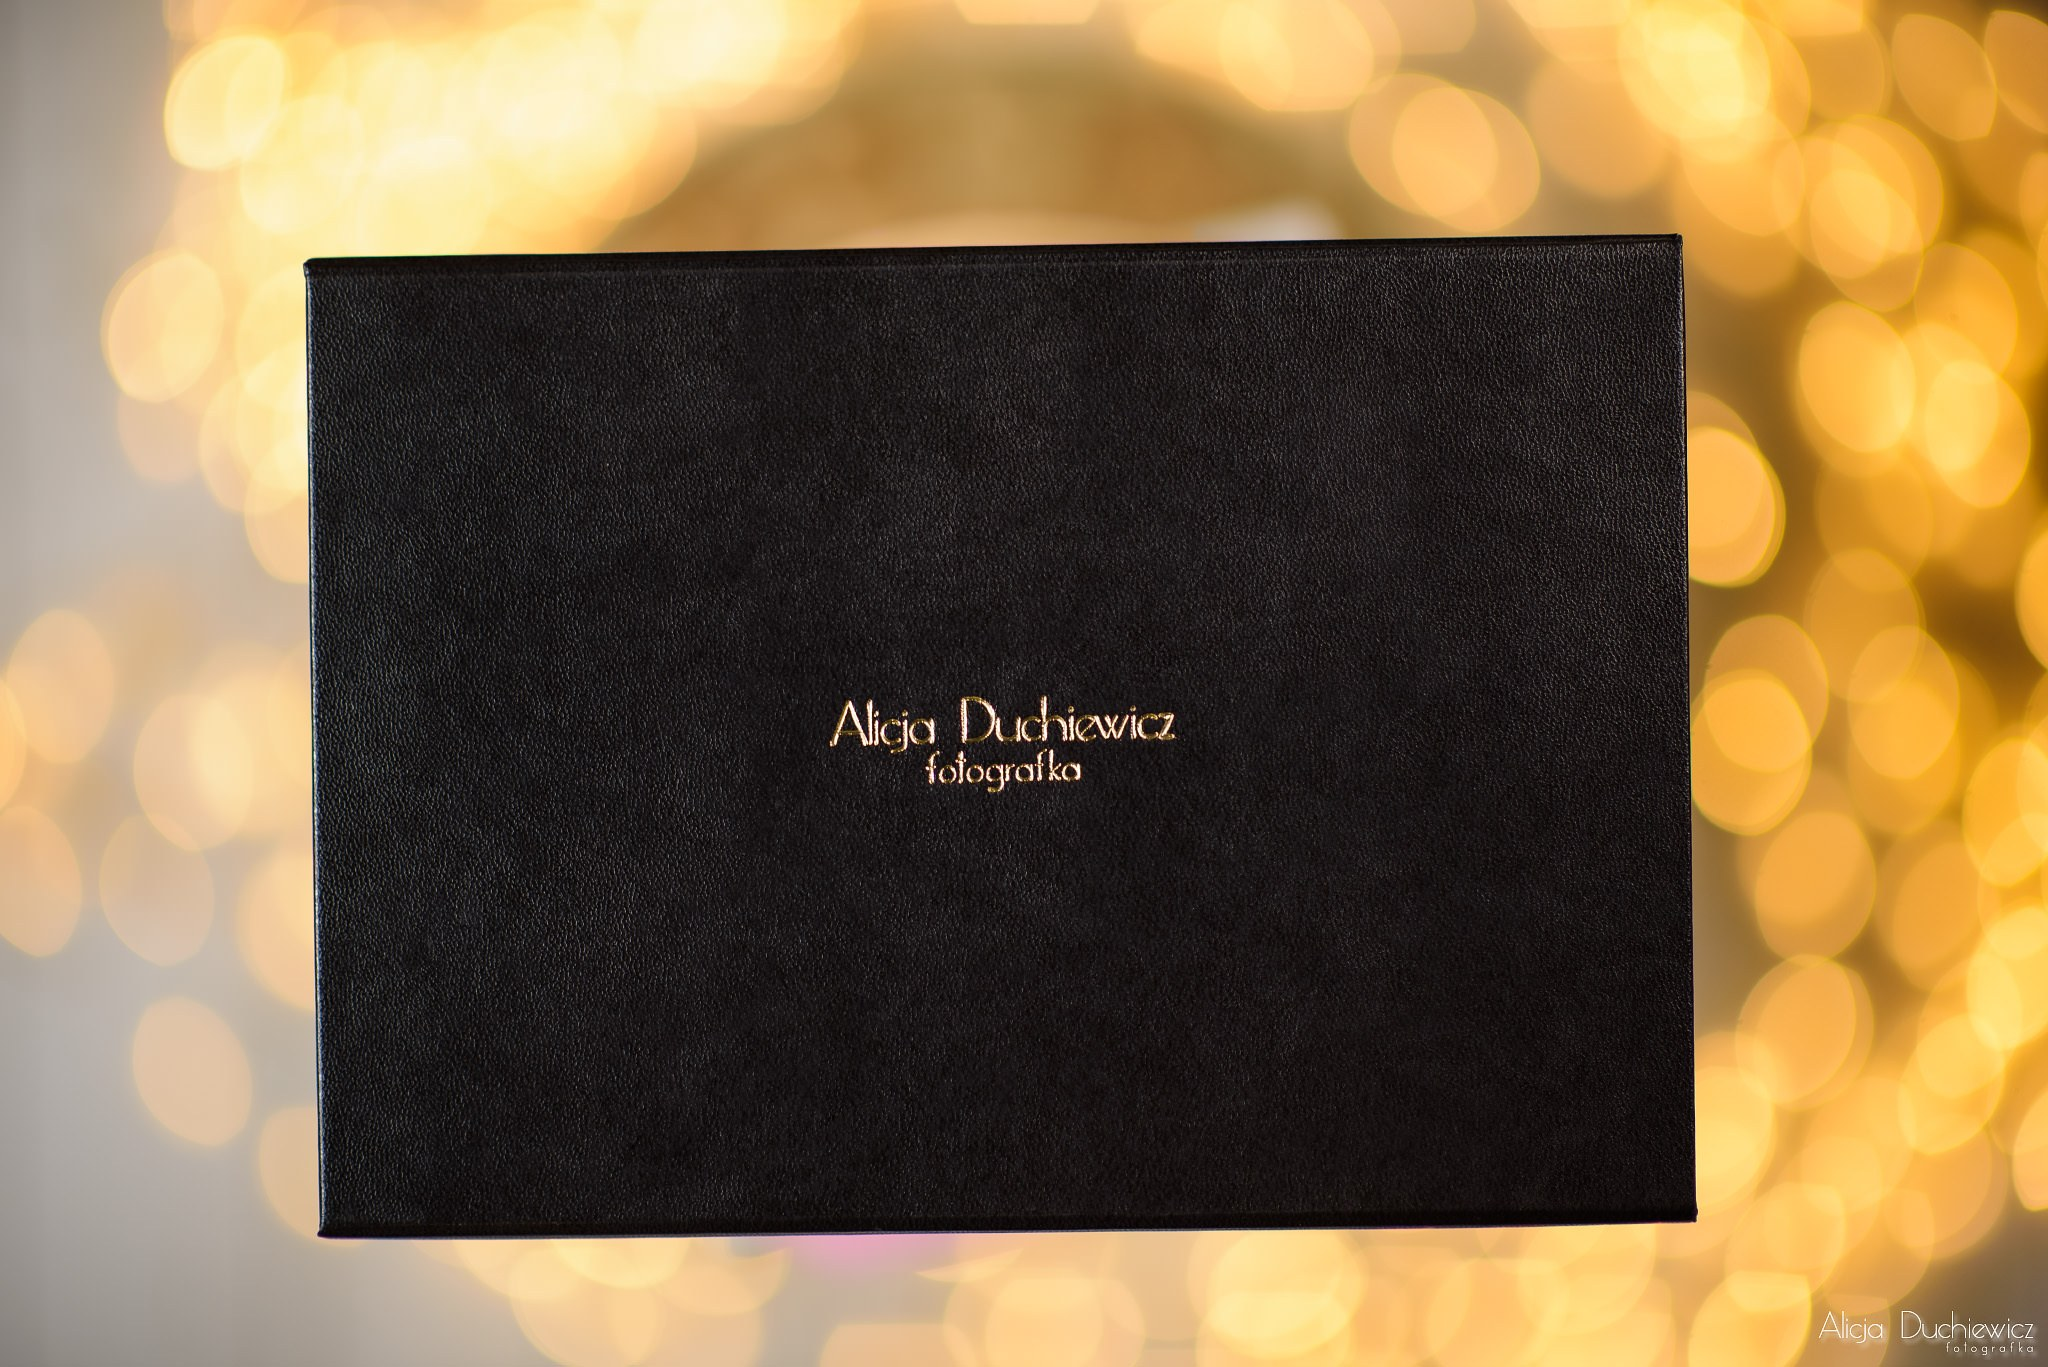 Pudełko sygnowane nazwiskiem Alicja Duchiewicz Fotografka